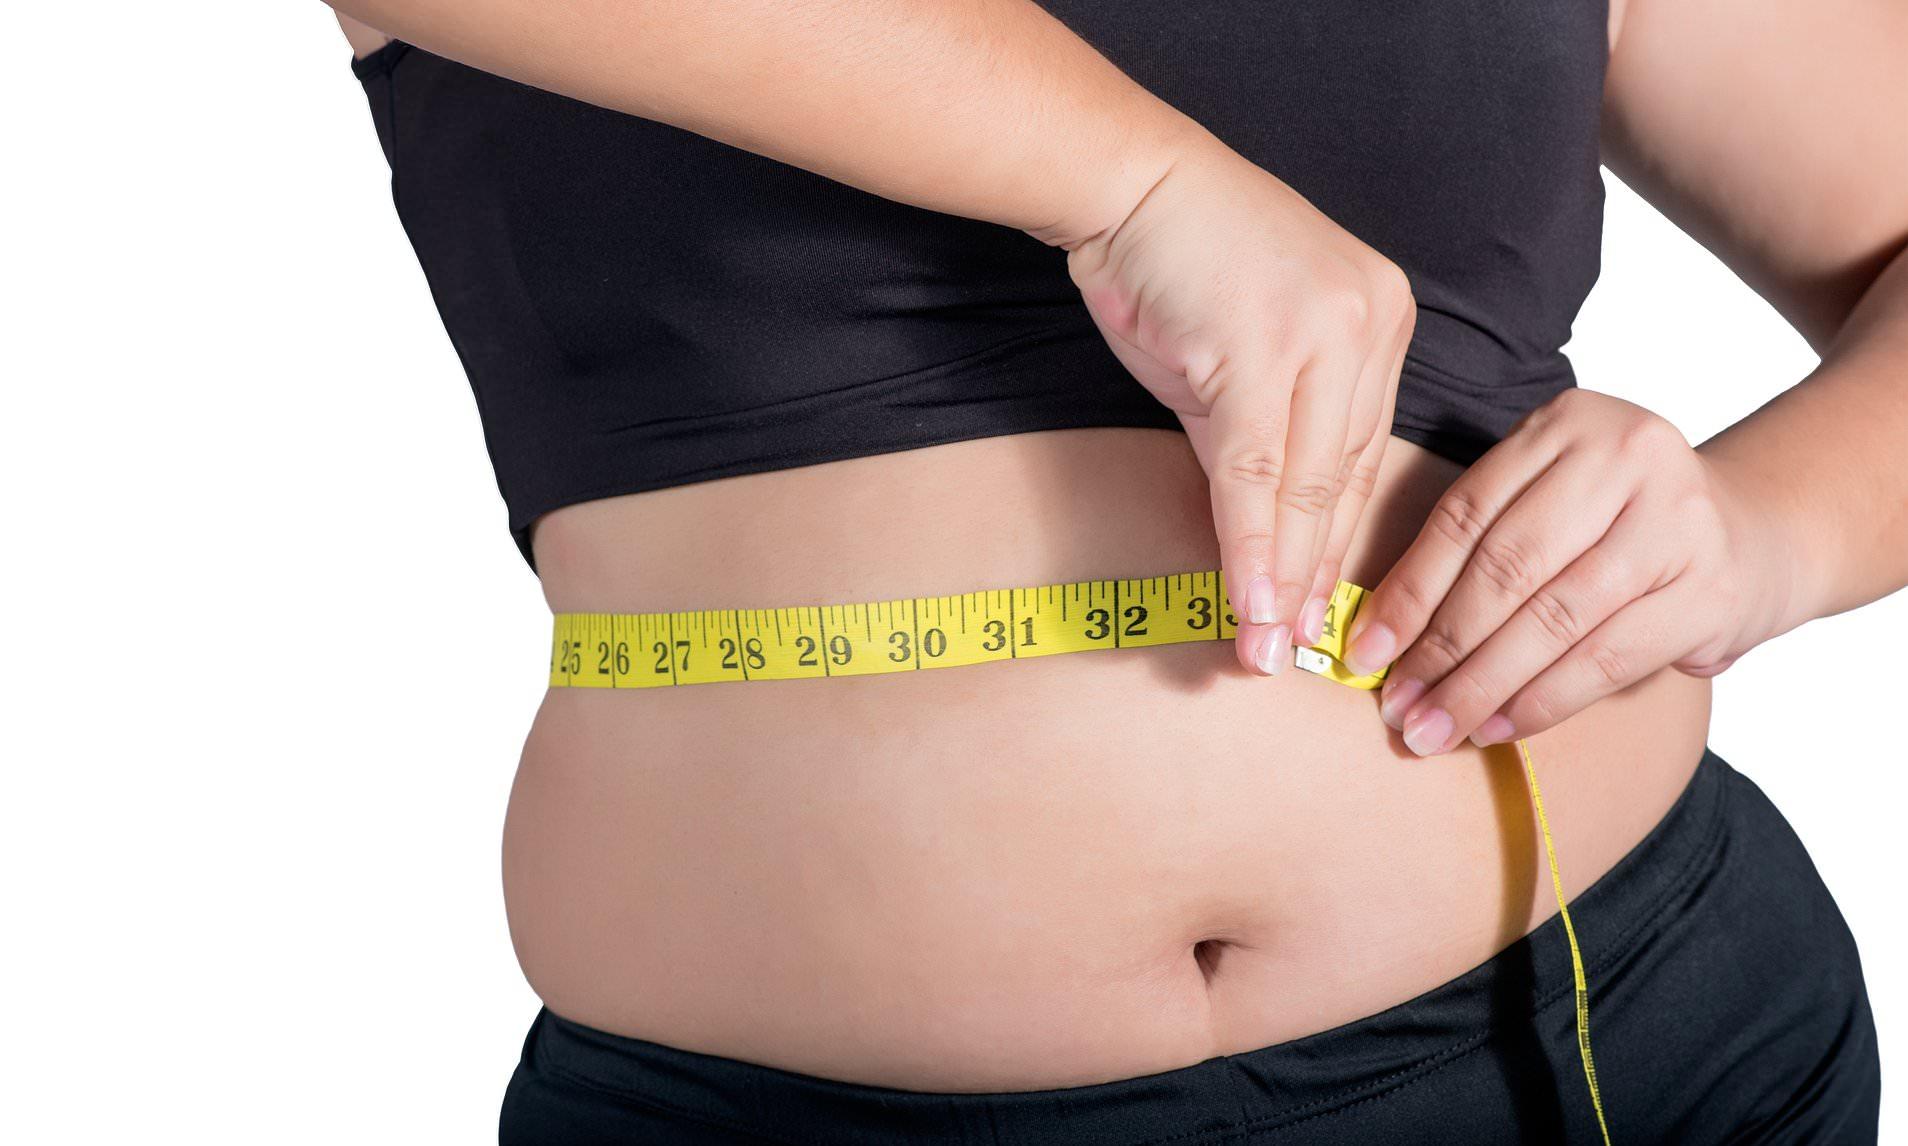 cancer abdominal weight gain